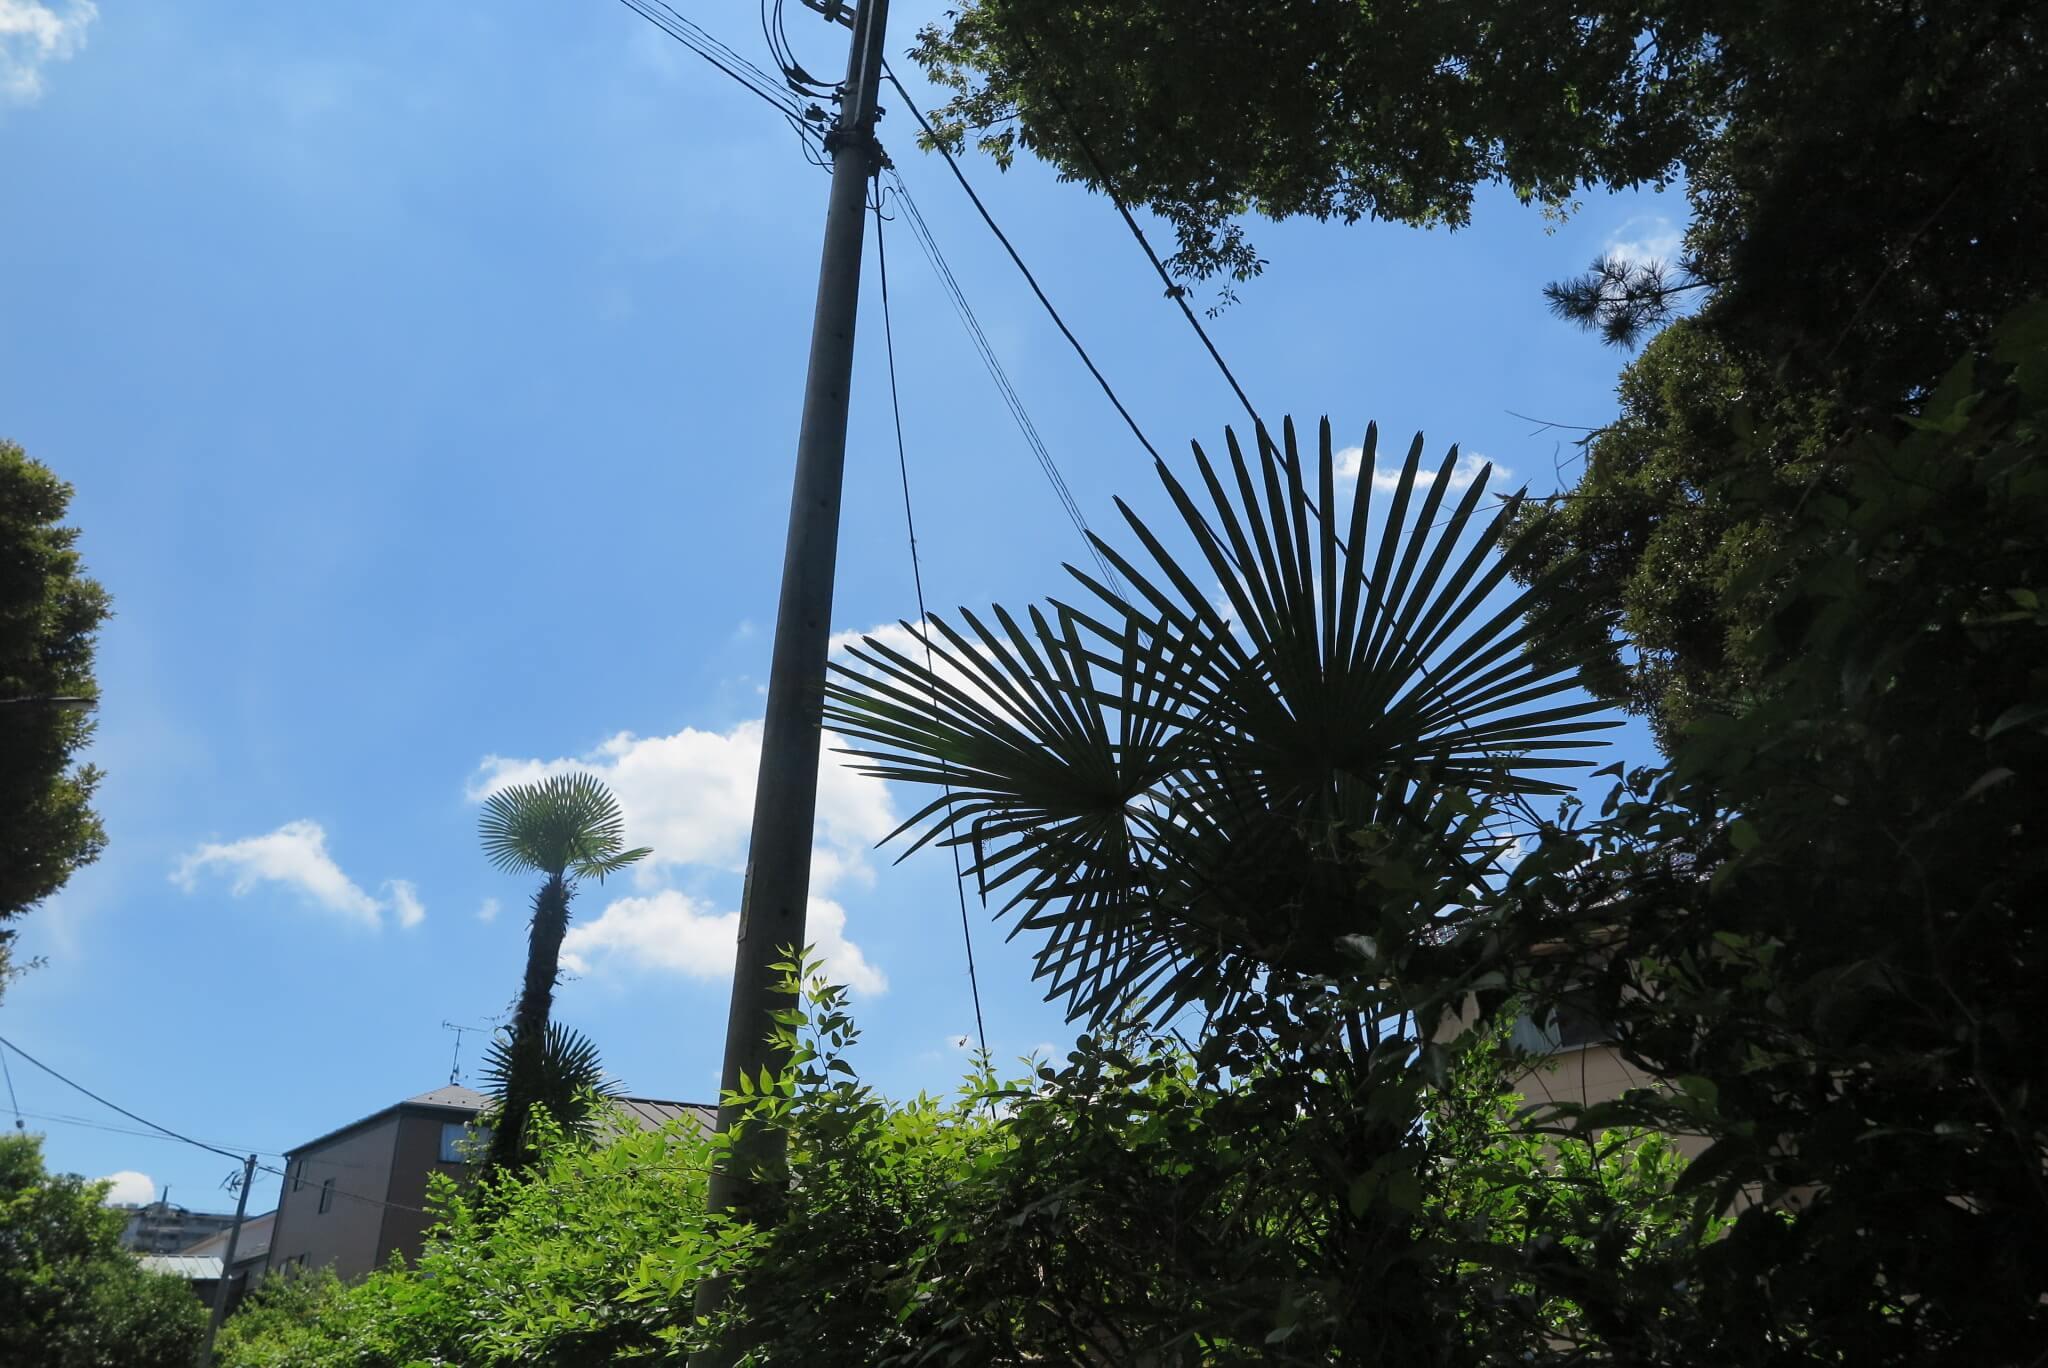 ローカルWEBメディア・地域サイト 草加ローカルストーリー 草加カメラ部 草加レポート 真夏の空